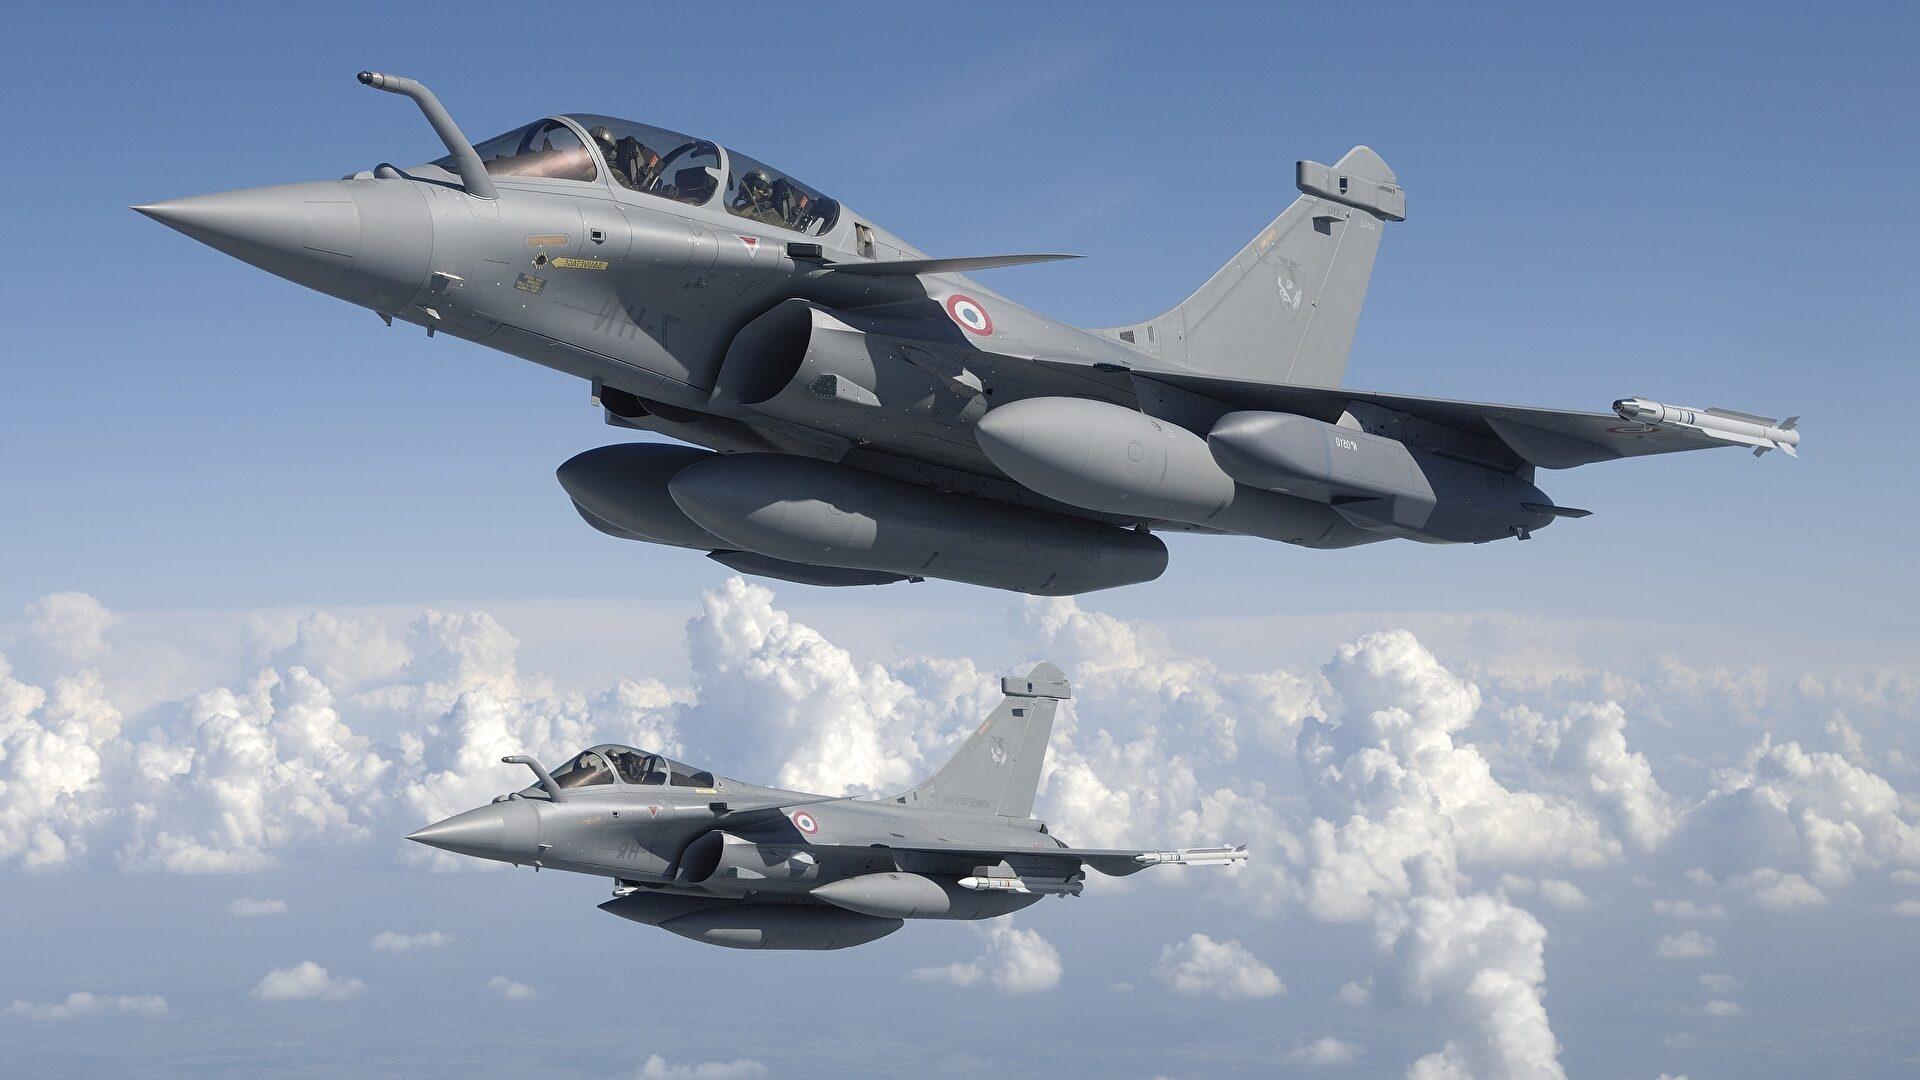 """rafale υπεροχή meteor, ΤΟΥΡΚΟΣ ΕΙΔΙΚΟΣ ΓΙΑ RAFALE – F16V: """"Η Ελλάδα θα έχει συντριπτική αεροπορική υπεροχή"""", NEMESIS HD"""